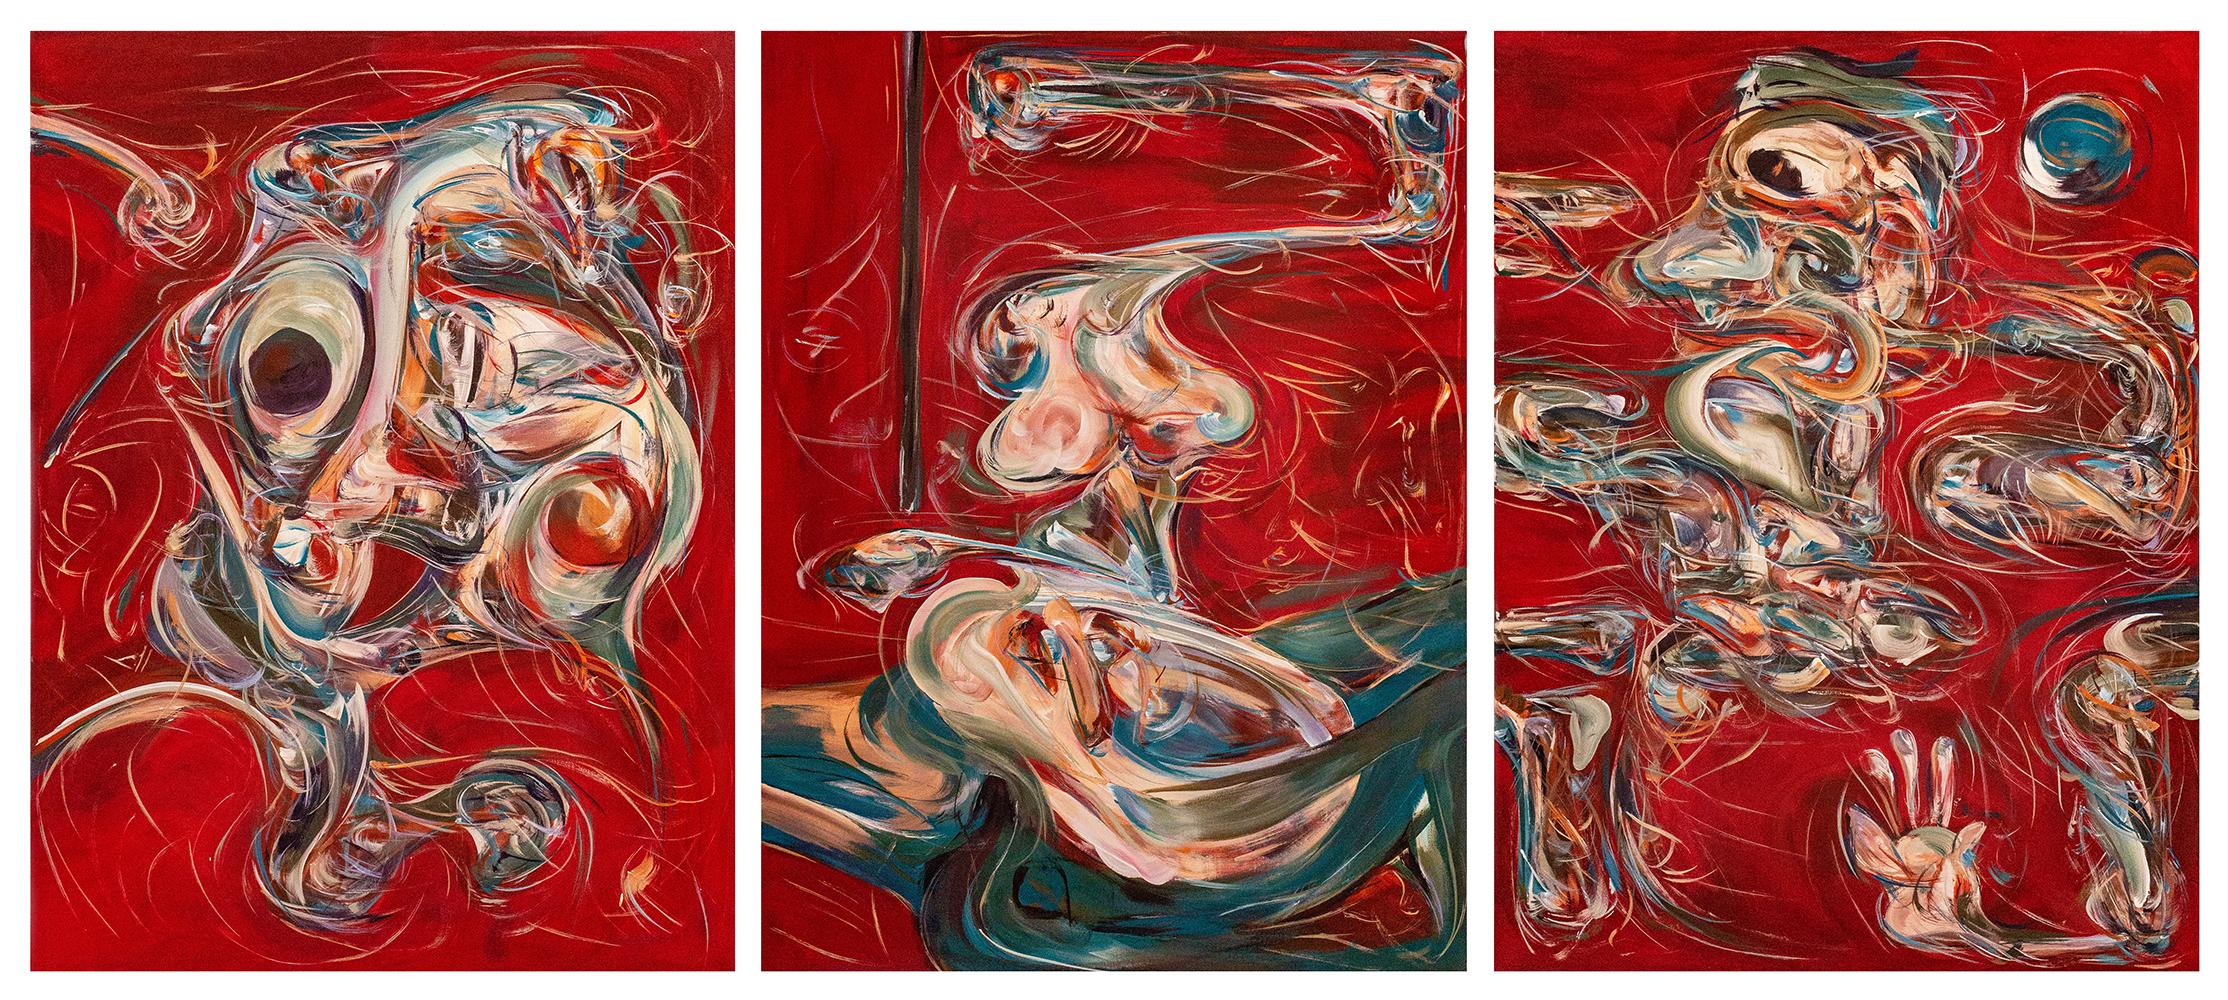 Self-Portrait Triptych